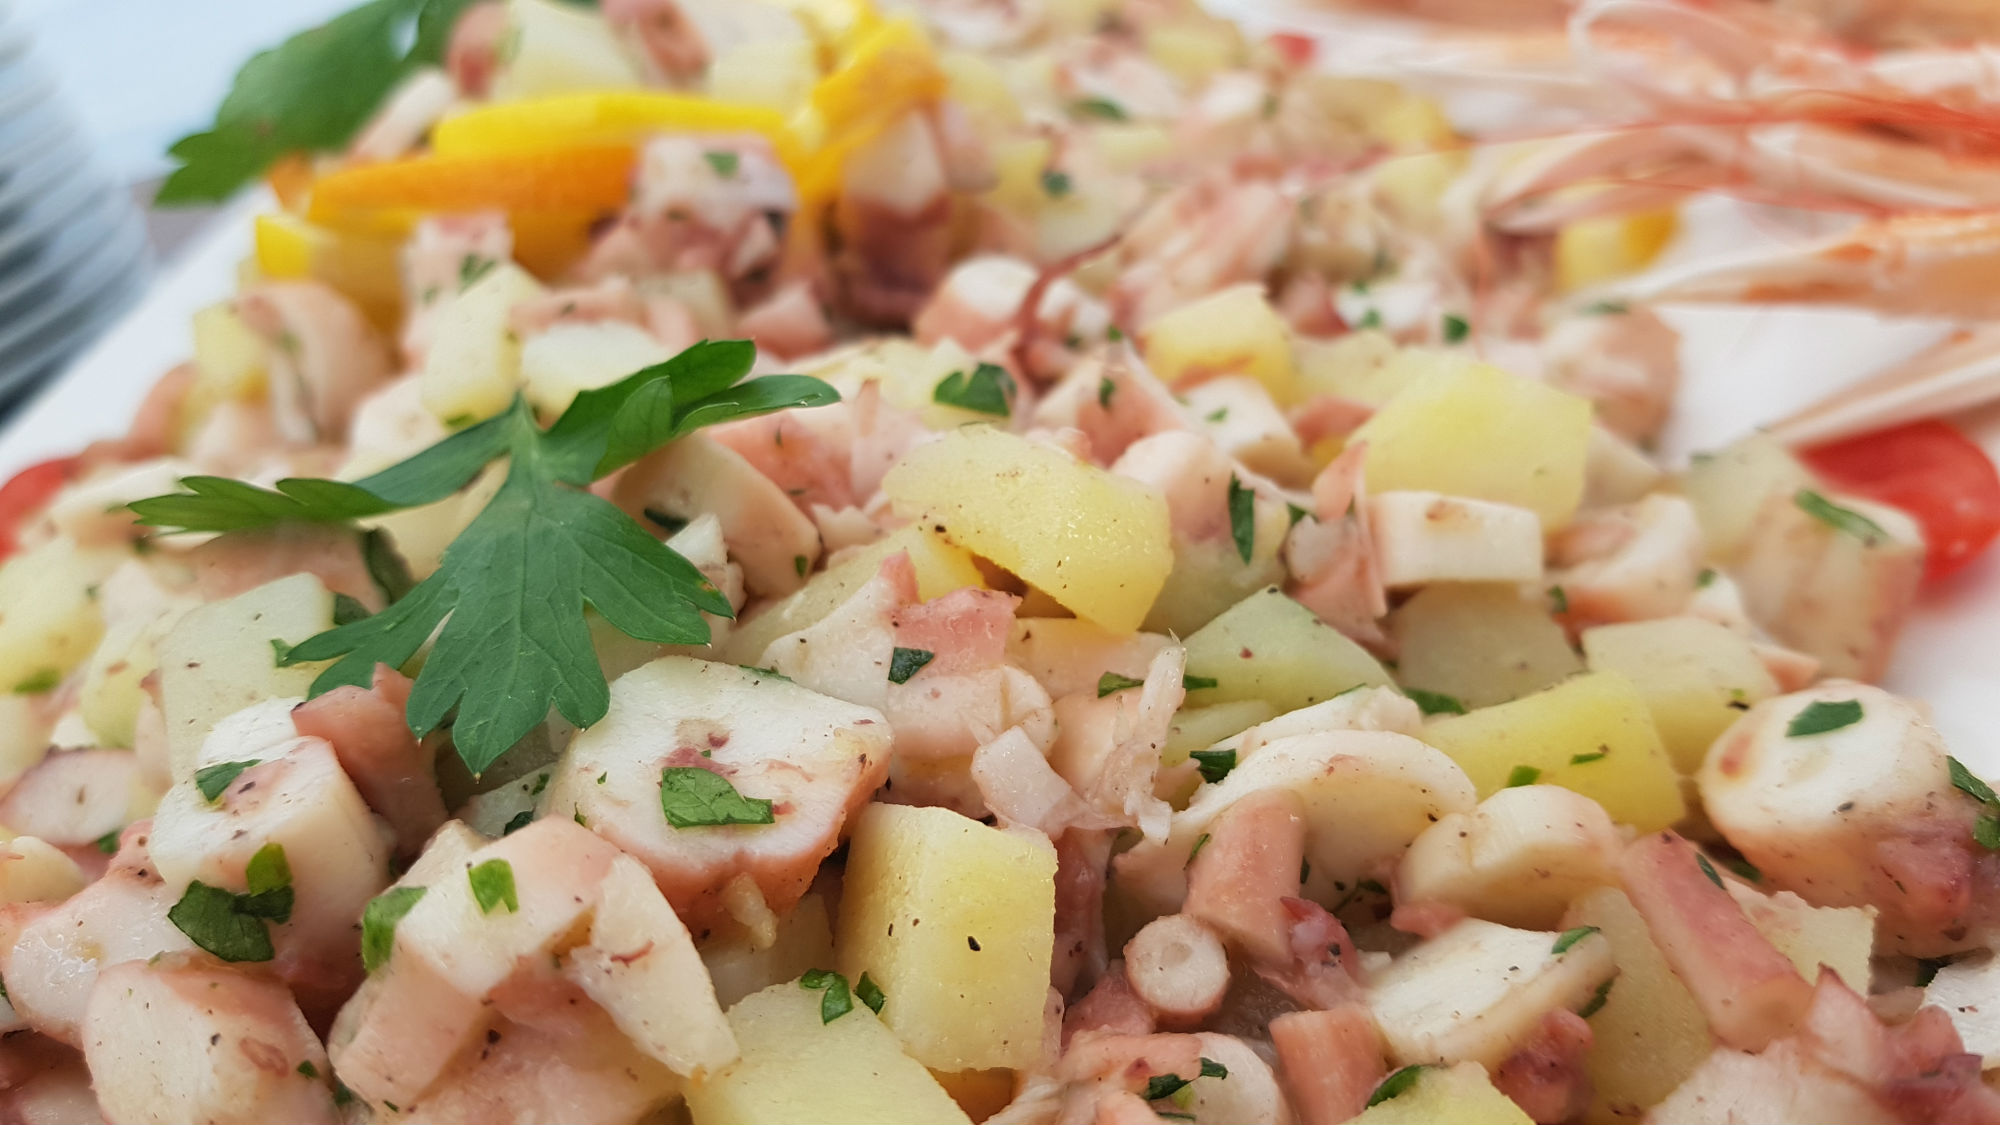 Buratti catering insala di polipo